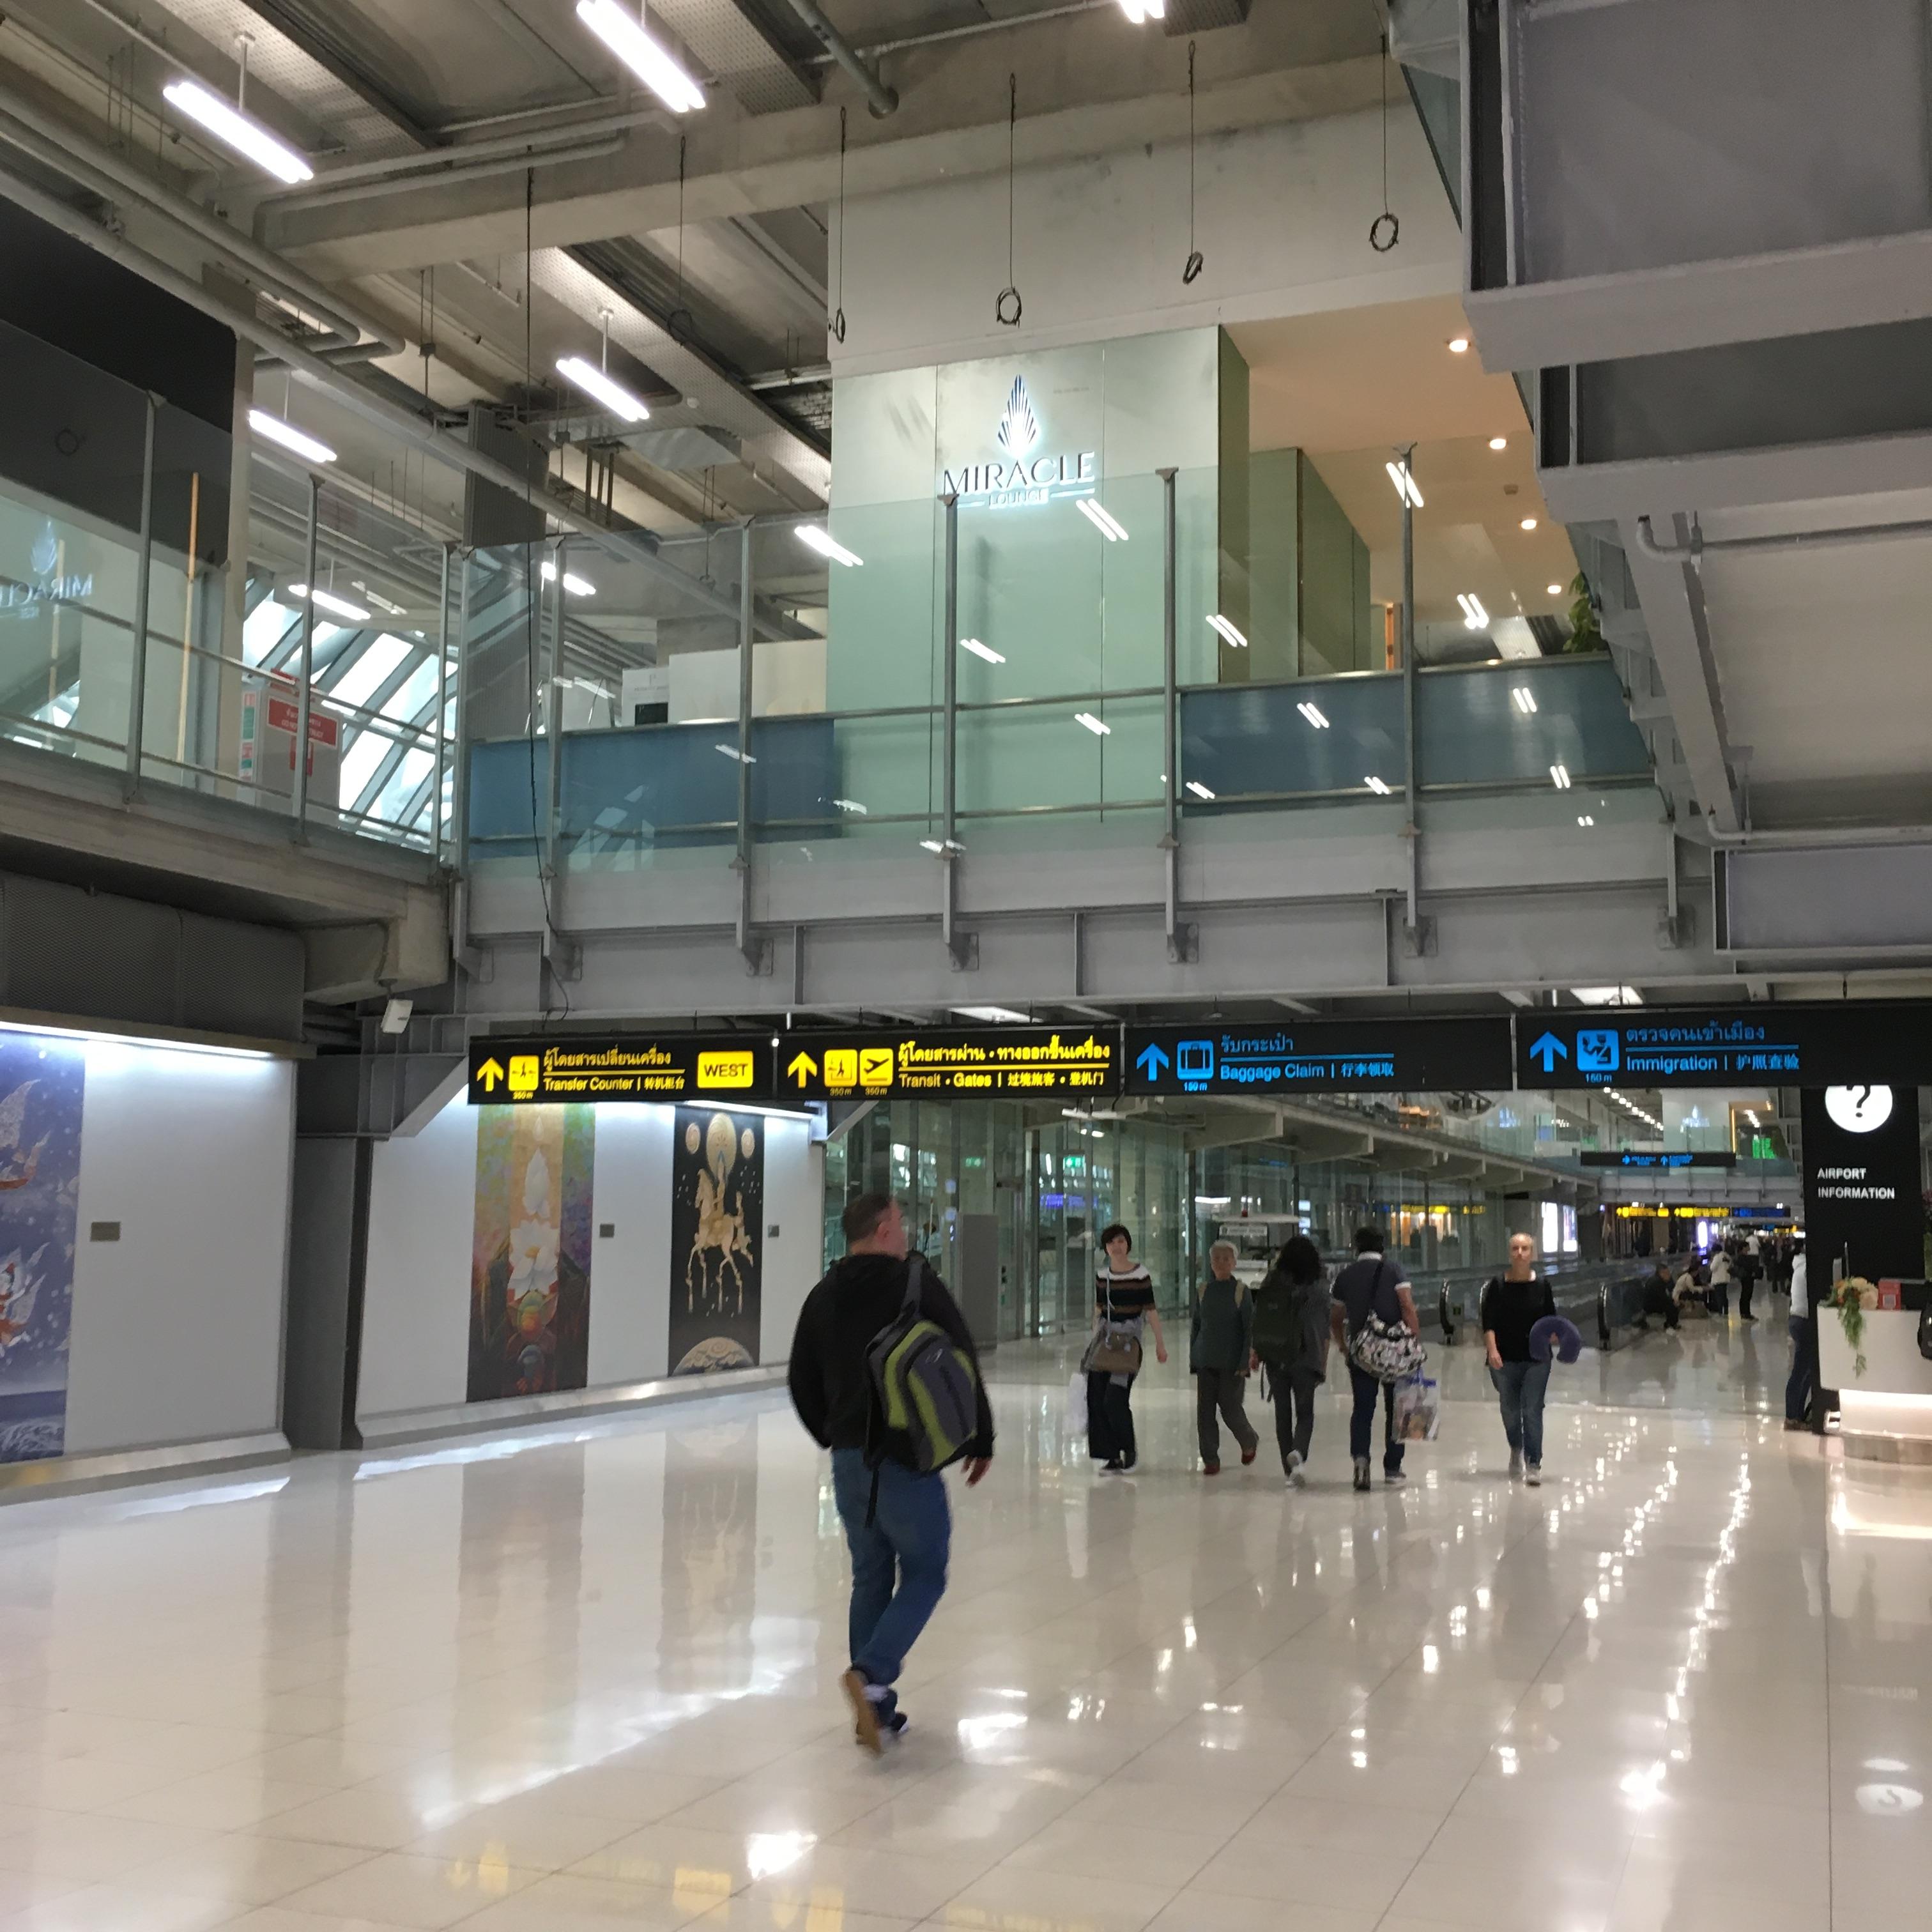 【タイ滞在1日目②】スワンナプーム空港から市街地へ♪